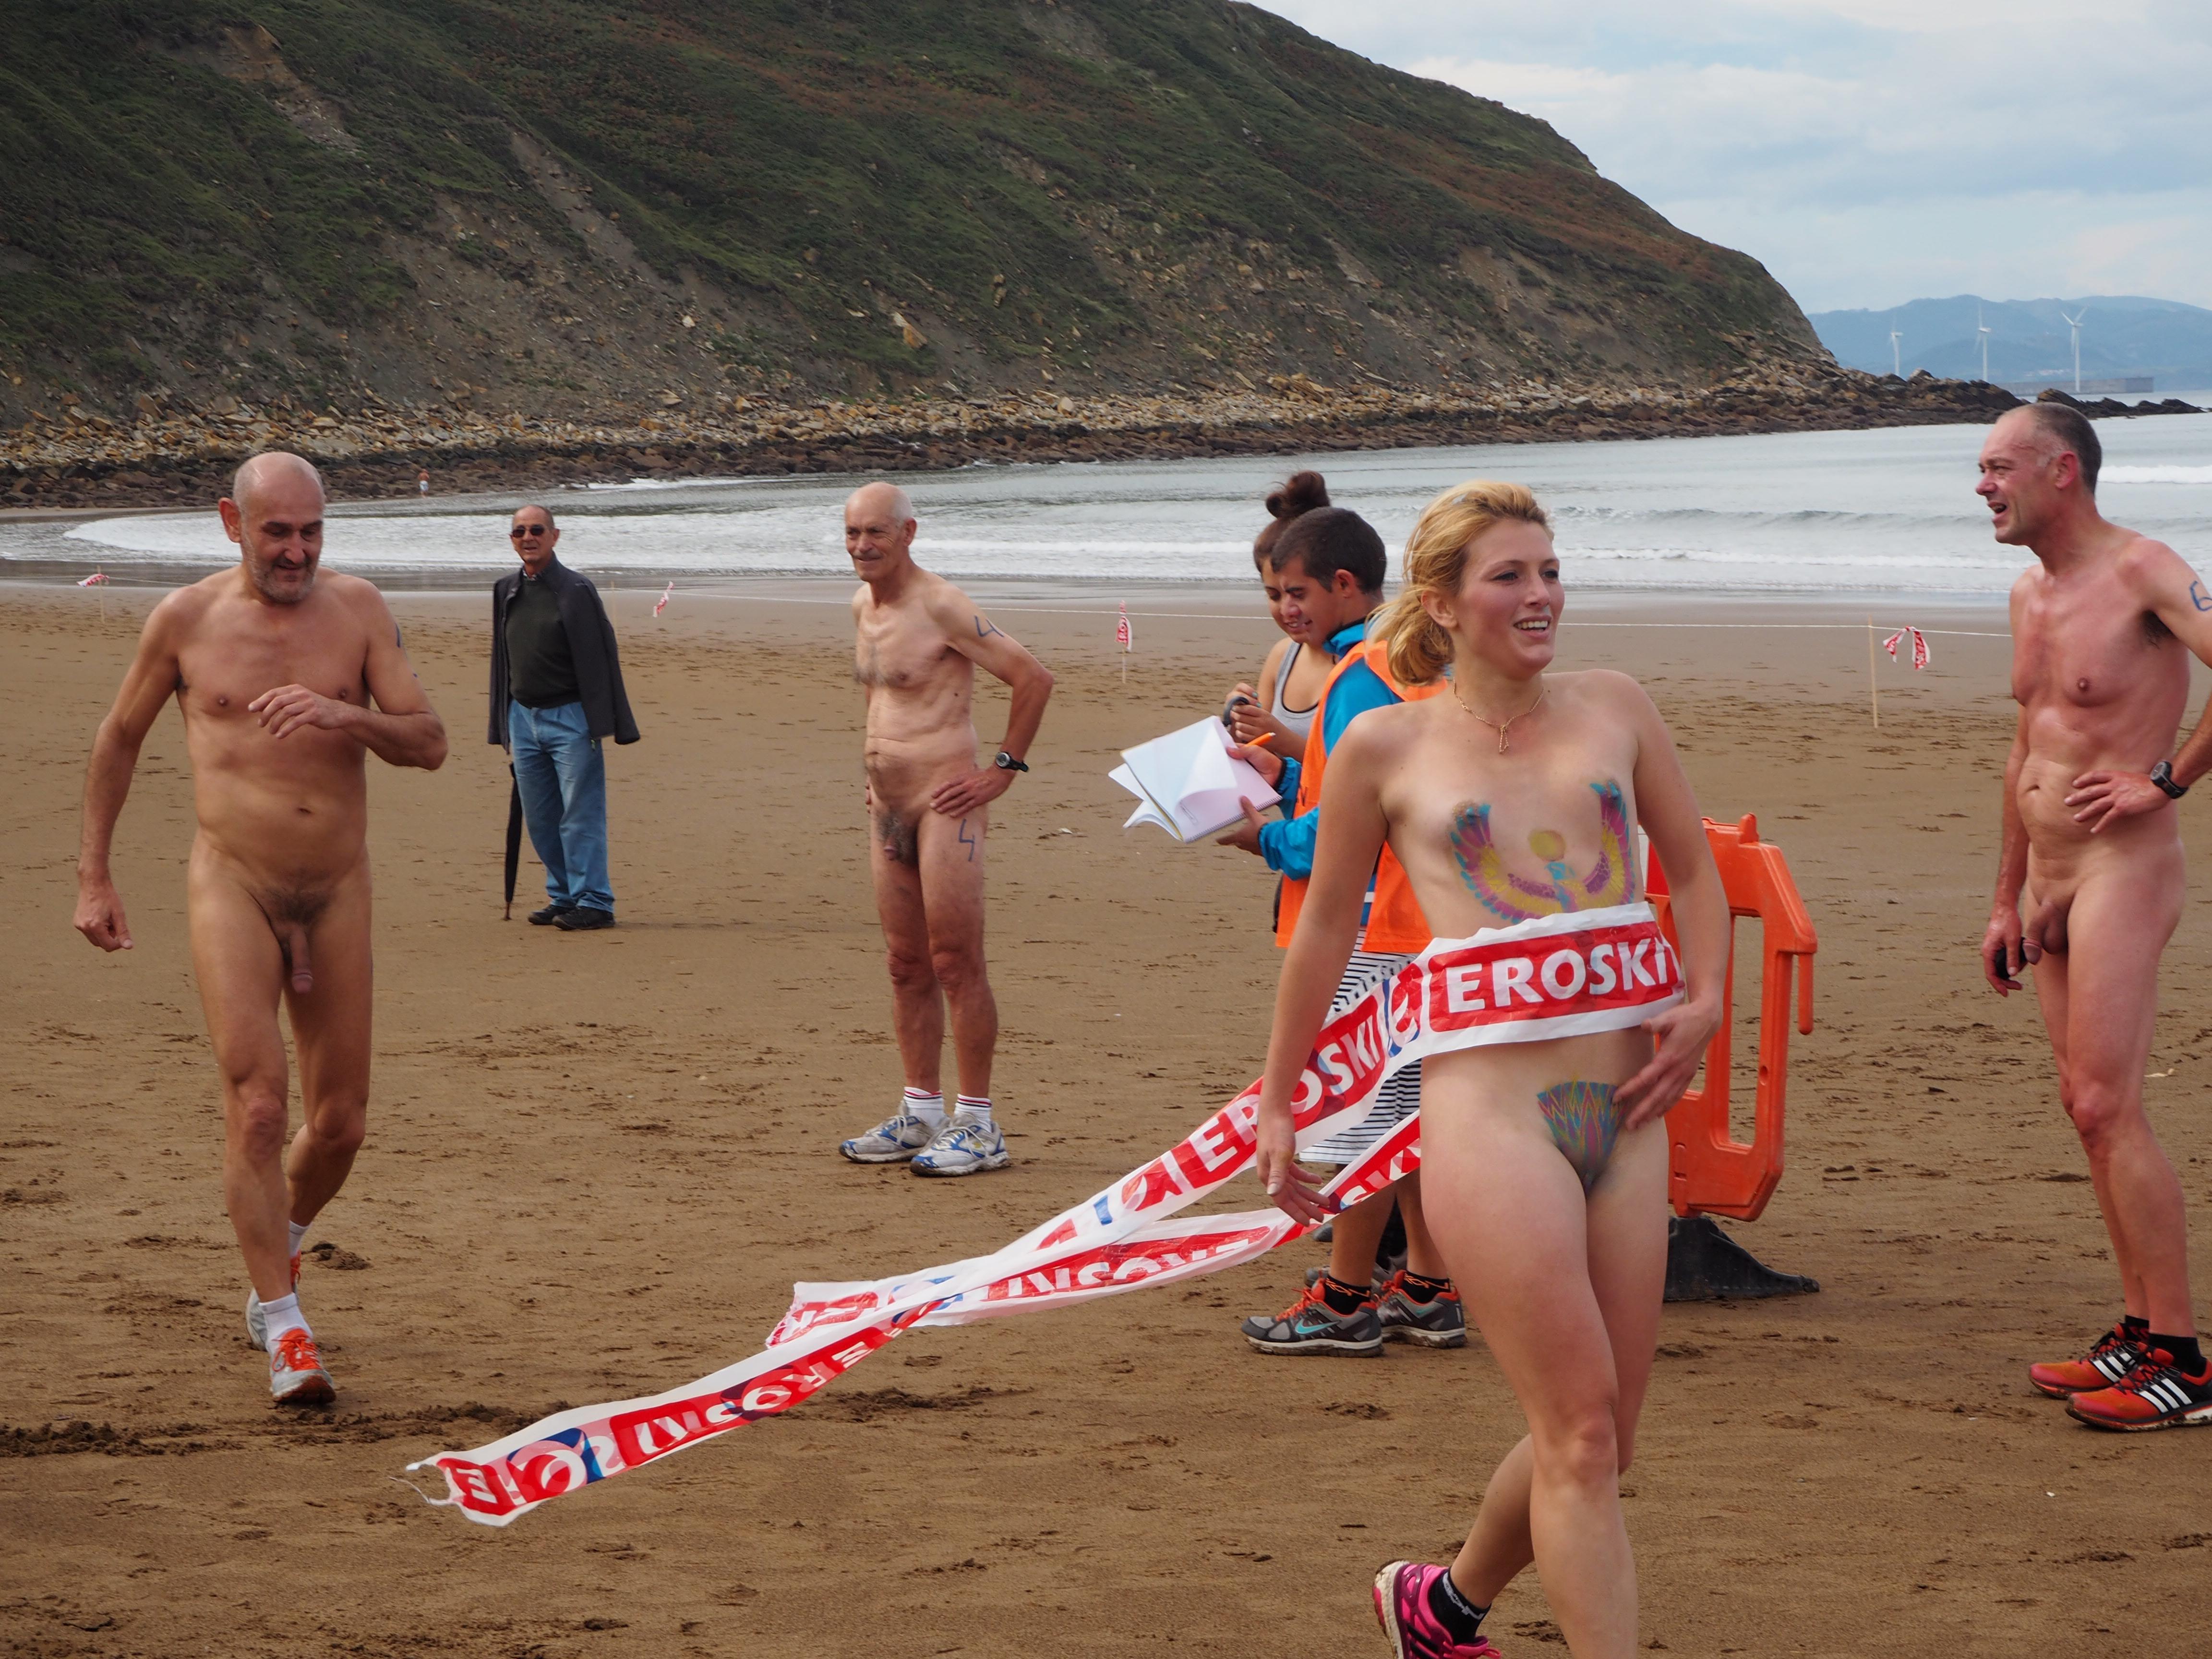 A la playa naturista en alicante - 3 7